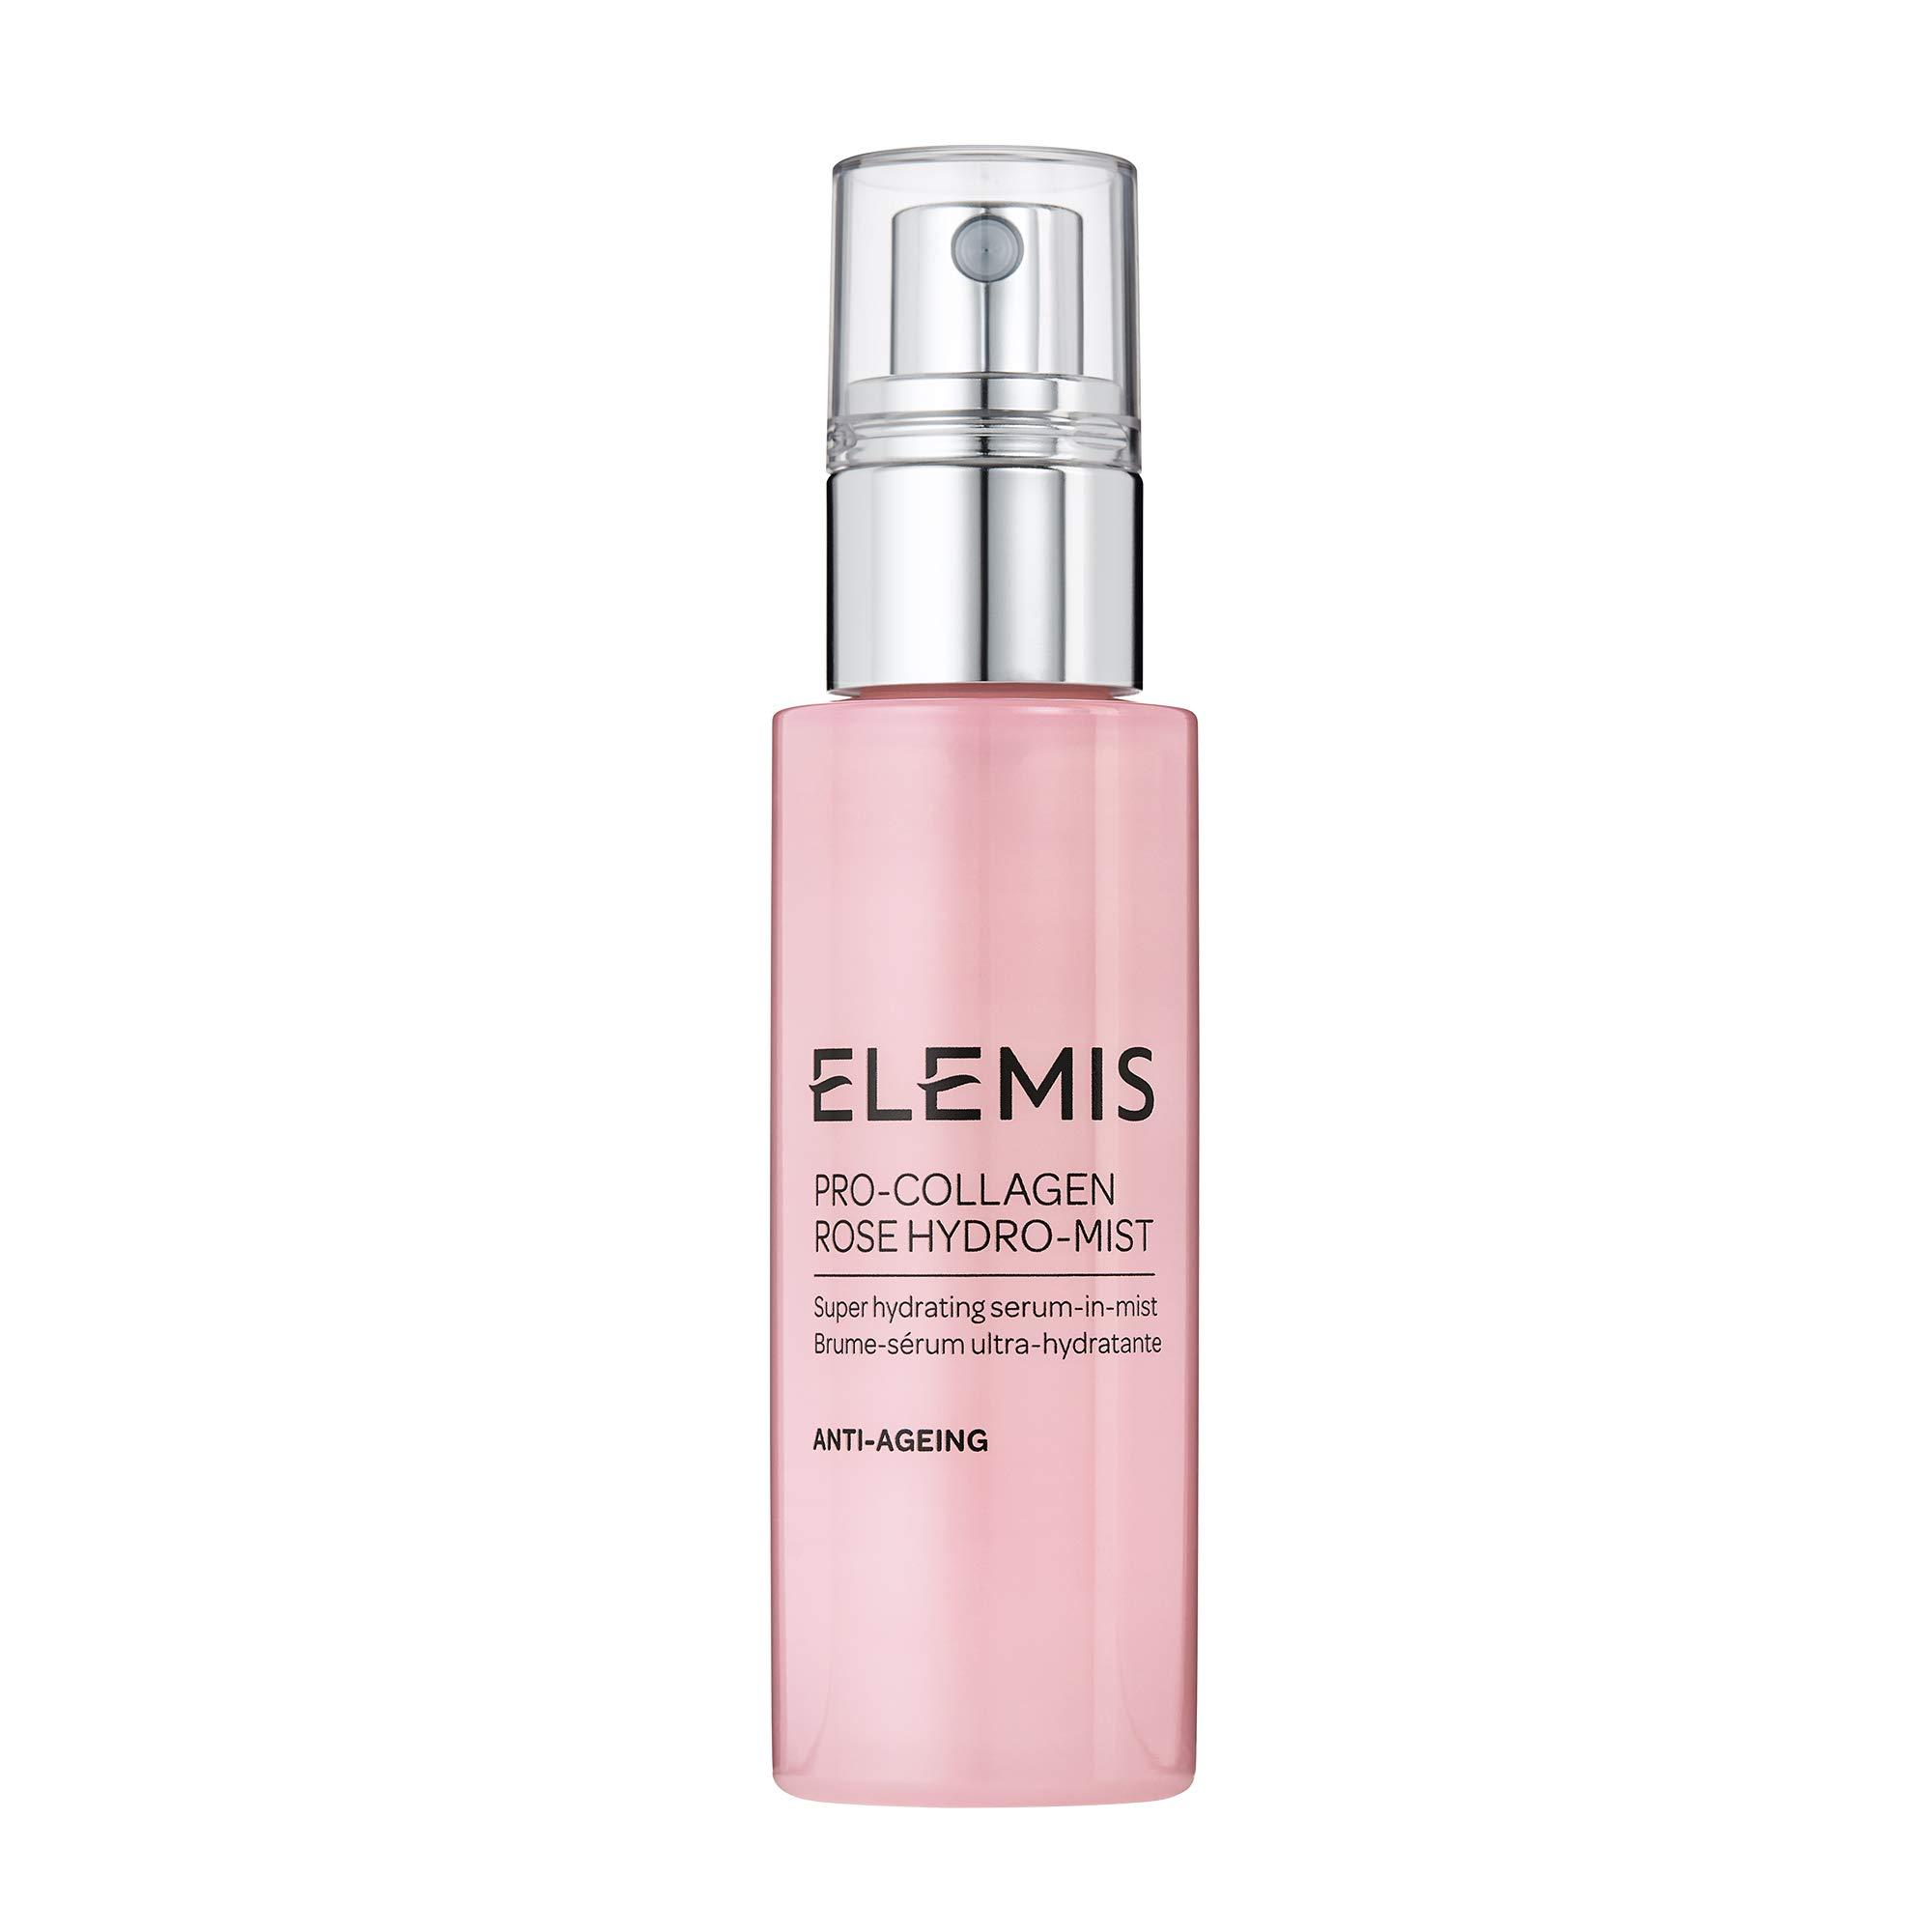 ELEMIS Pro-Collagen Rose Hydro-Mist, 1.6 fl. oz